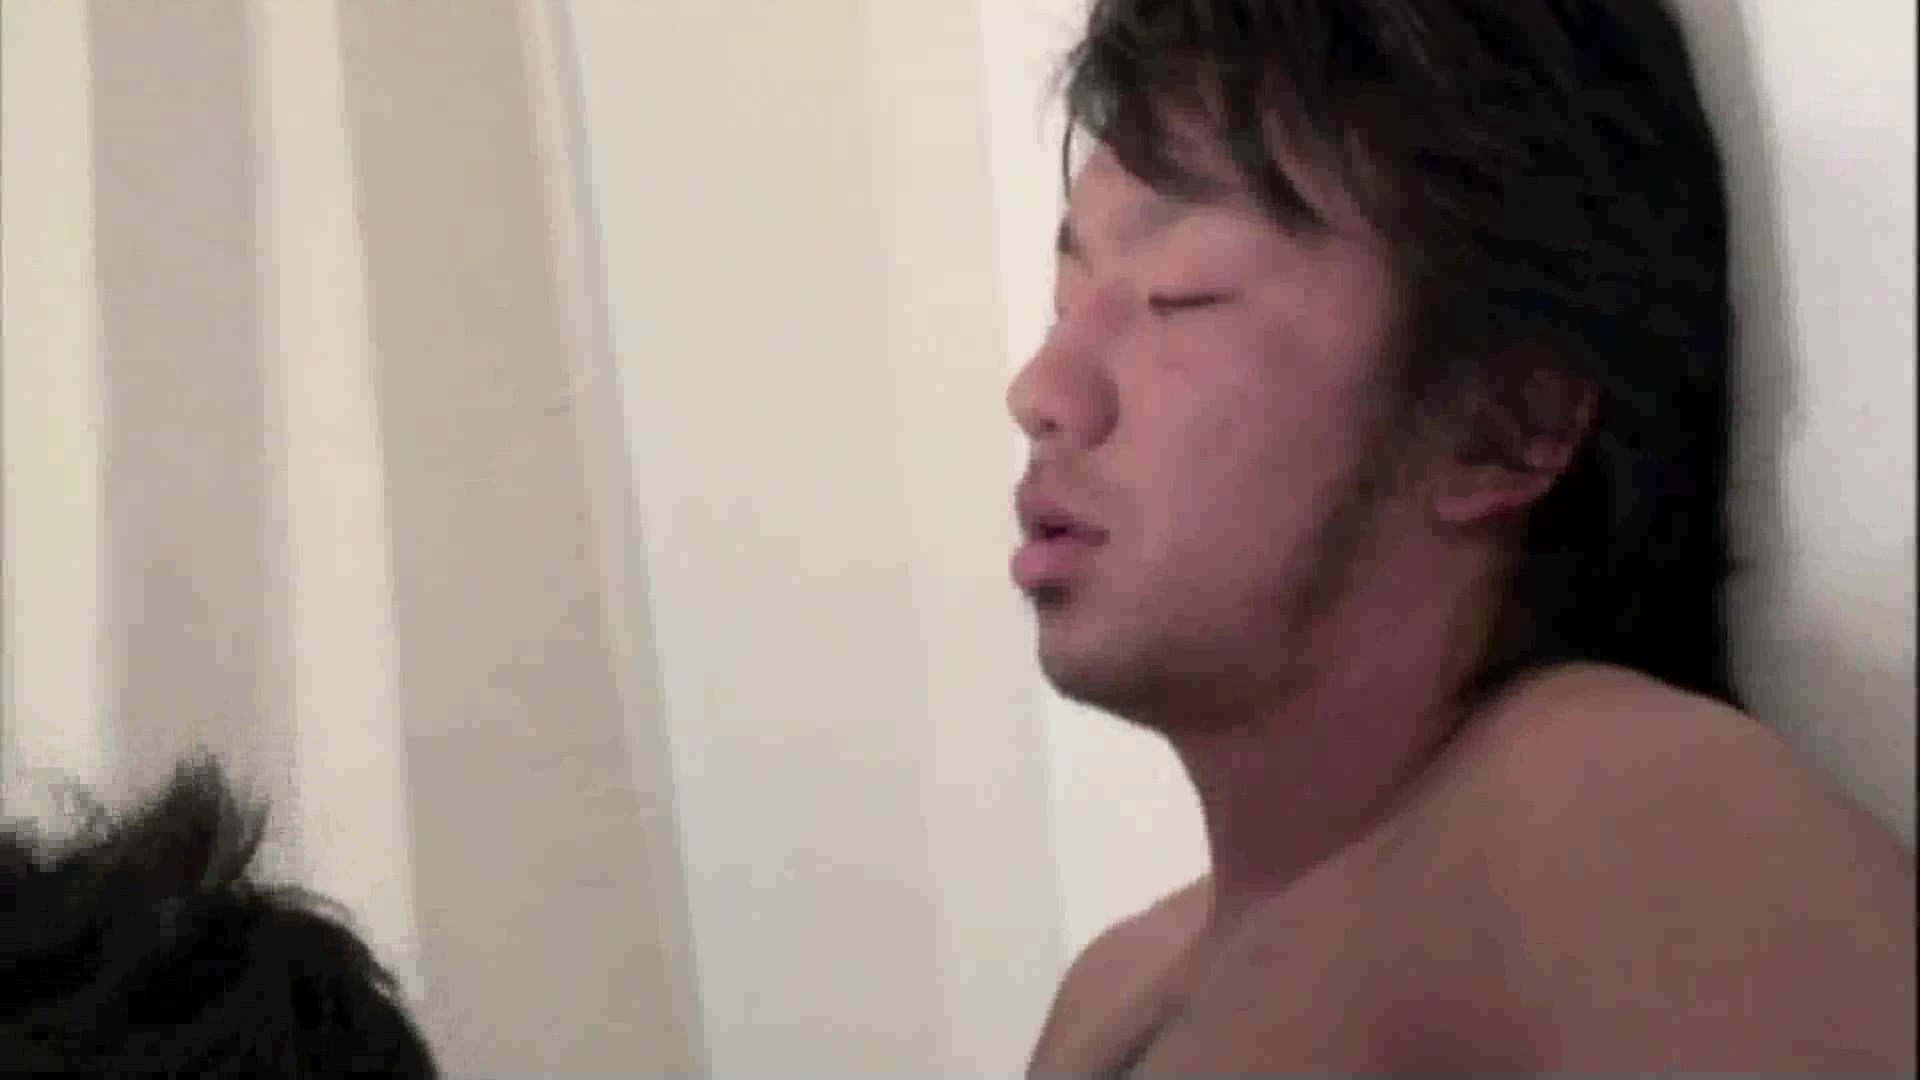 イカせ屋 Vol.07 モザイク無し ゲイ無料エロ画像 89pic 64